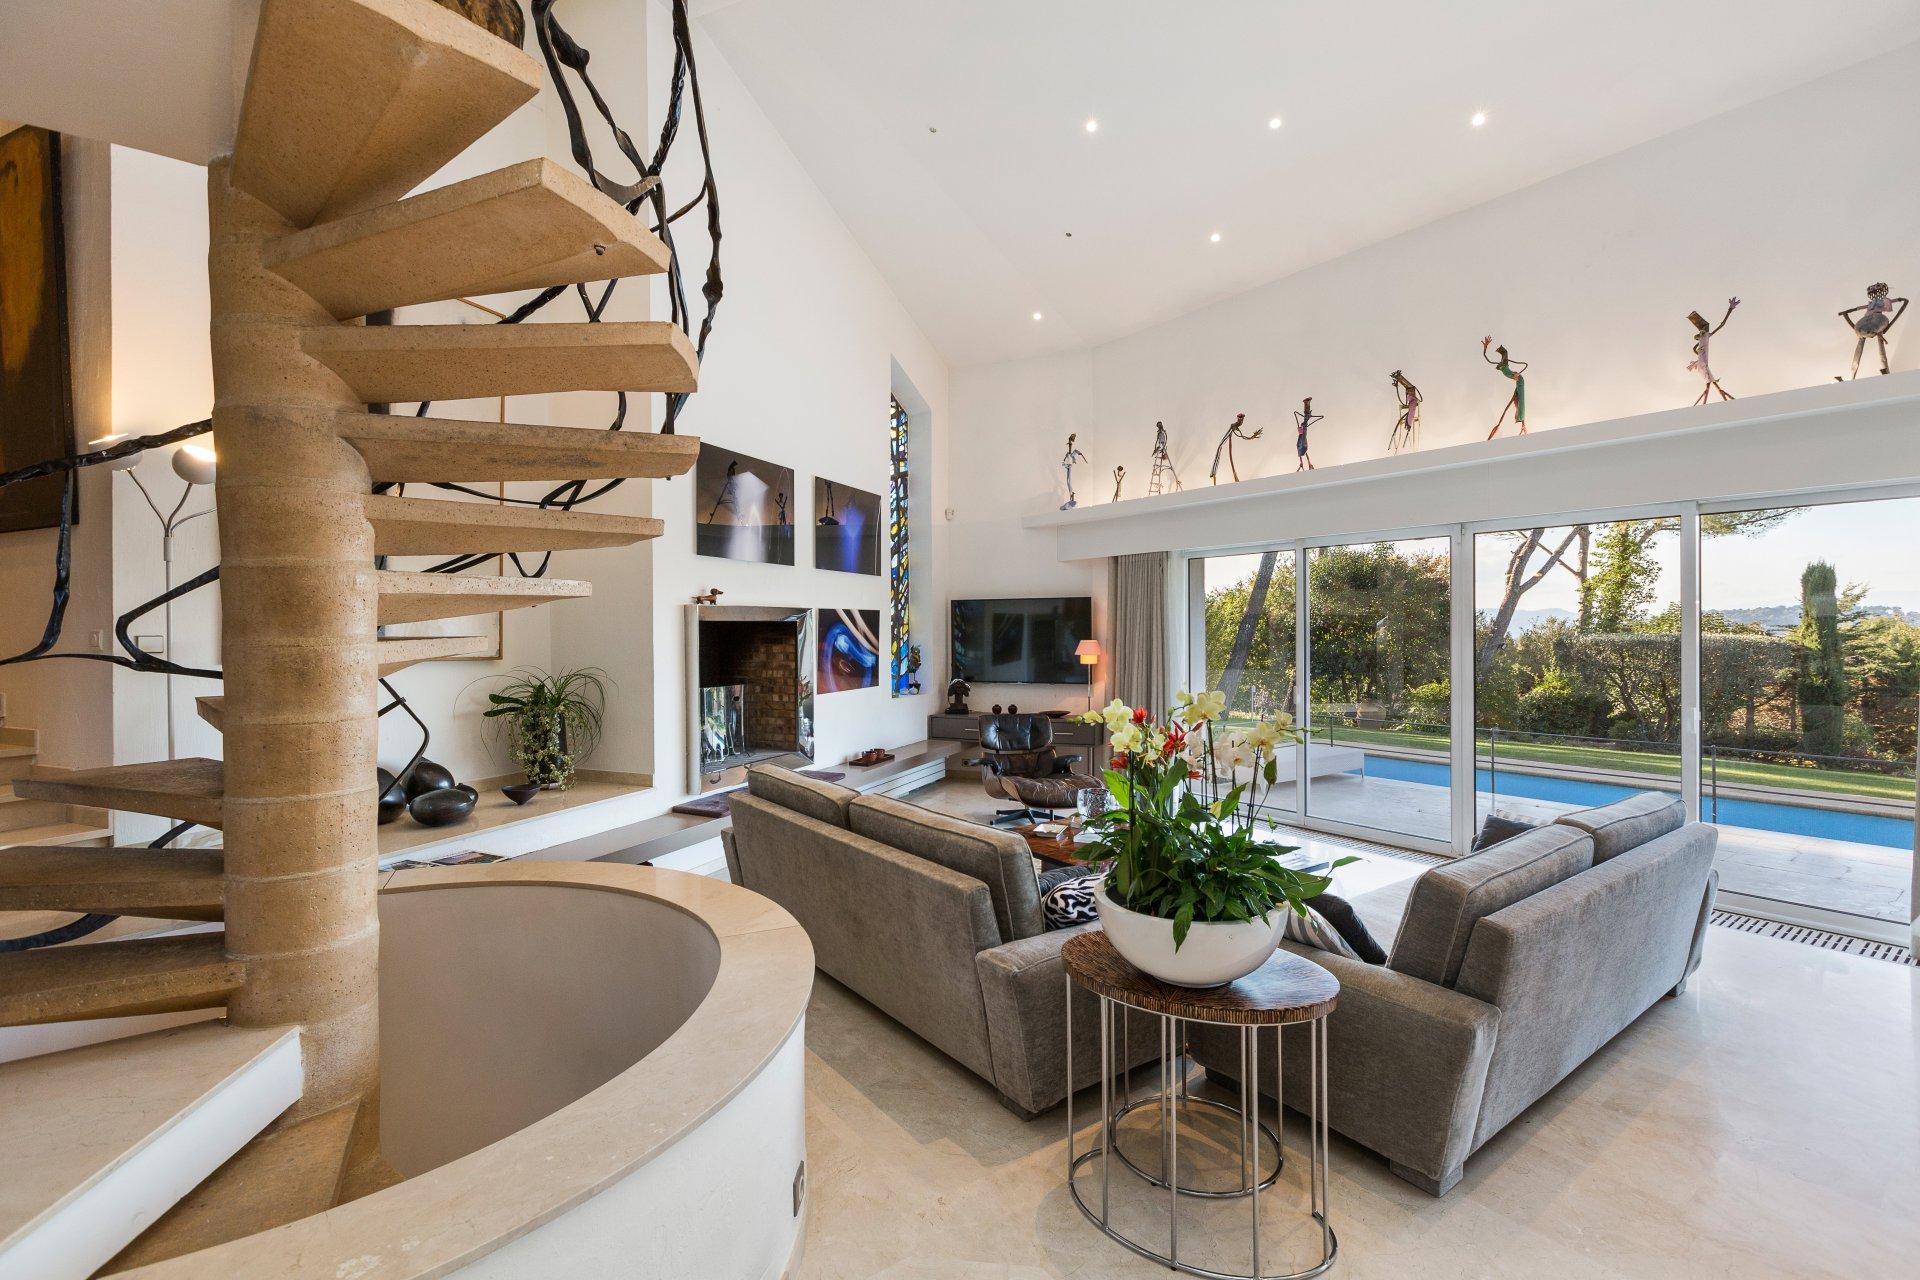 annonce location saisonni re villa mougins 06250 6 pi ces 10 couchages john taylor. Black Bedroom Furniture Sets. Home Design Ideas